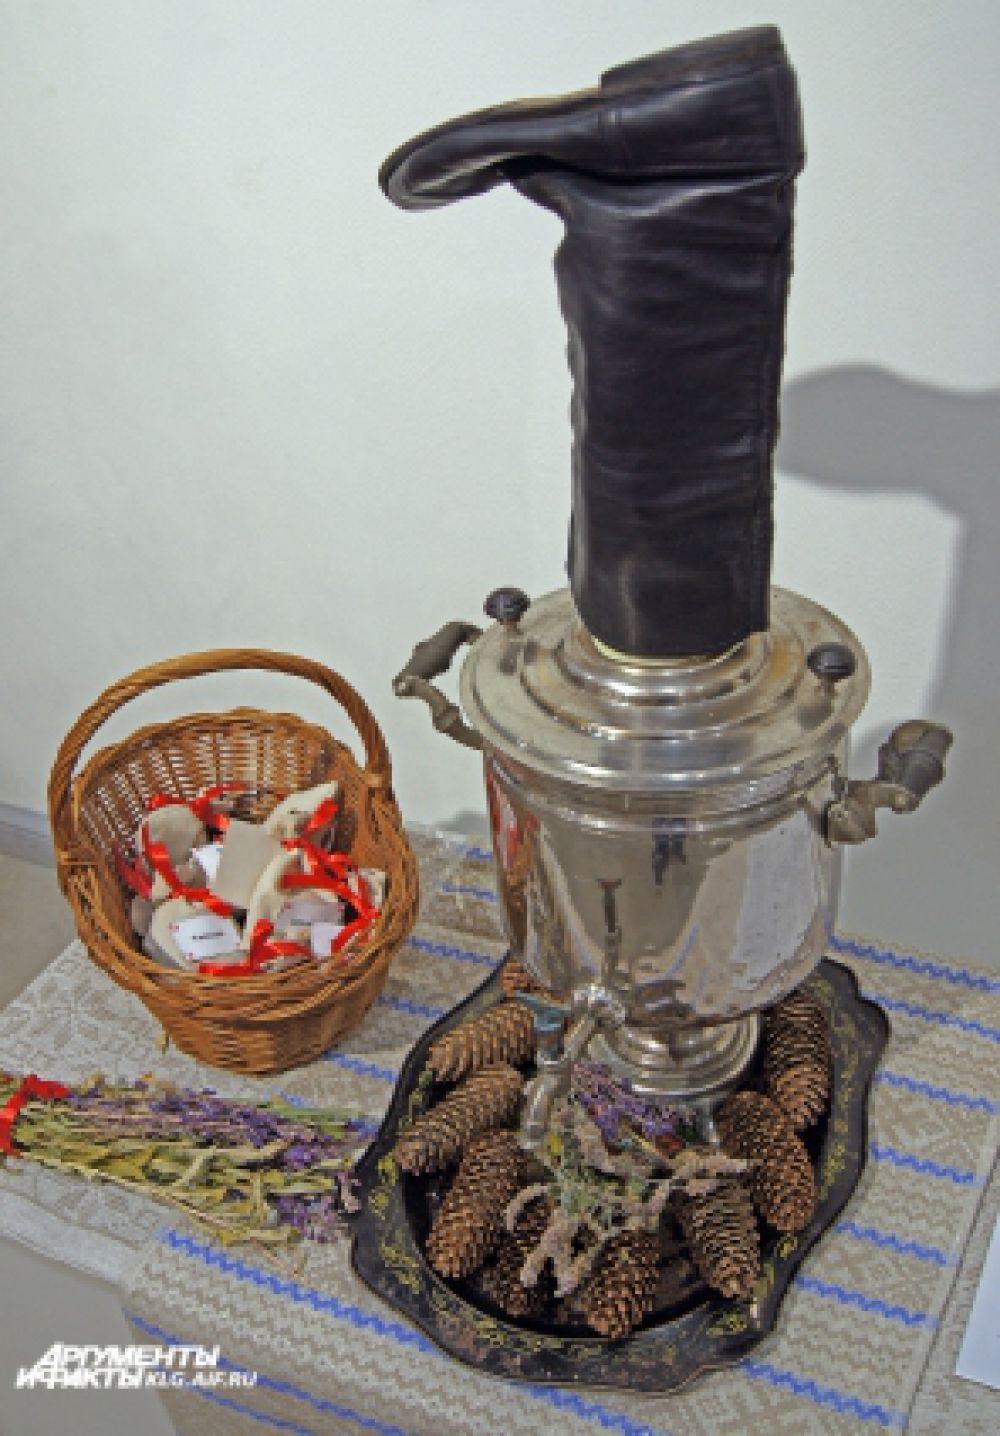 Самовар на еловых шишках - один из главных атрибутов чаепития.